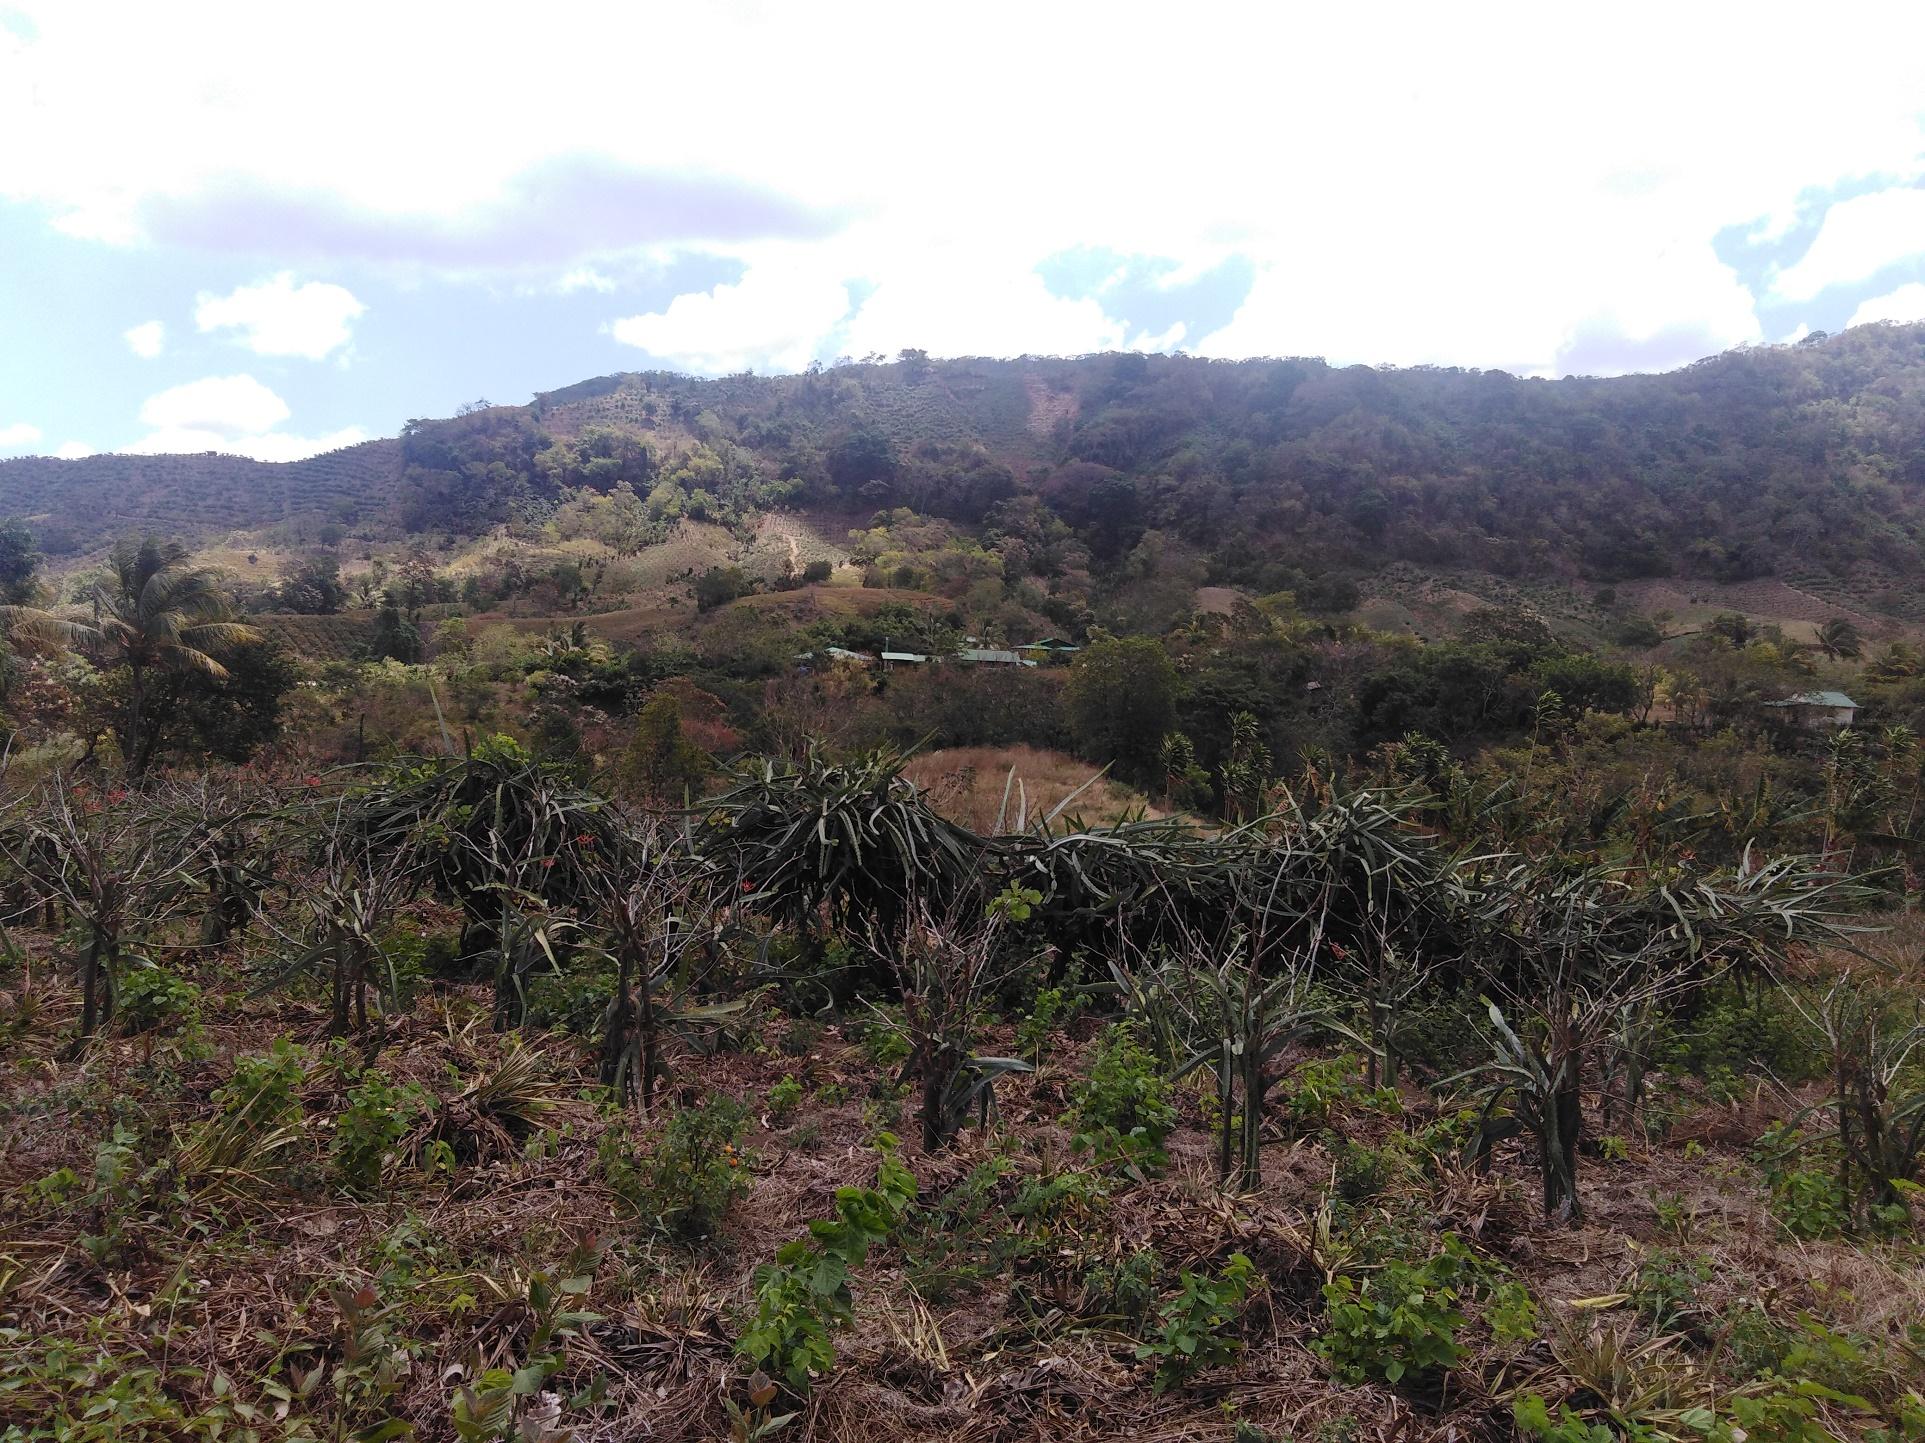 La piña y la pitahaya van desplazando los bosques. Esta imagen se ve claramente como la cobertura boscosa retrocede. Foto de Mauricio González.